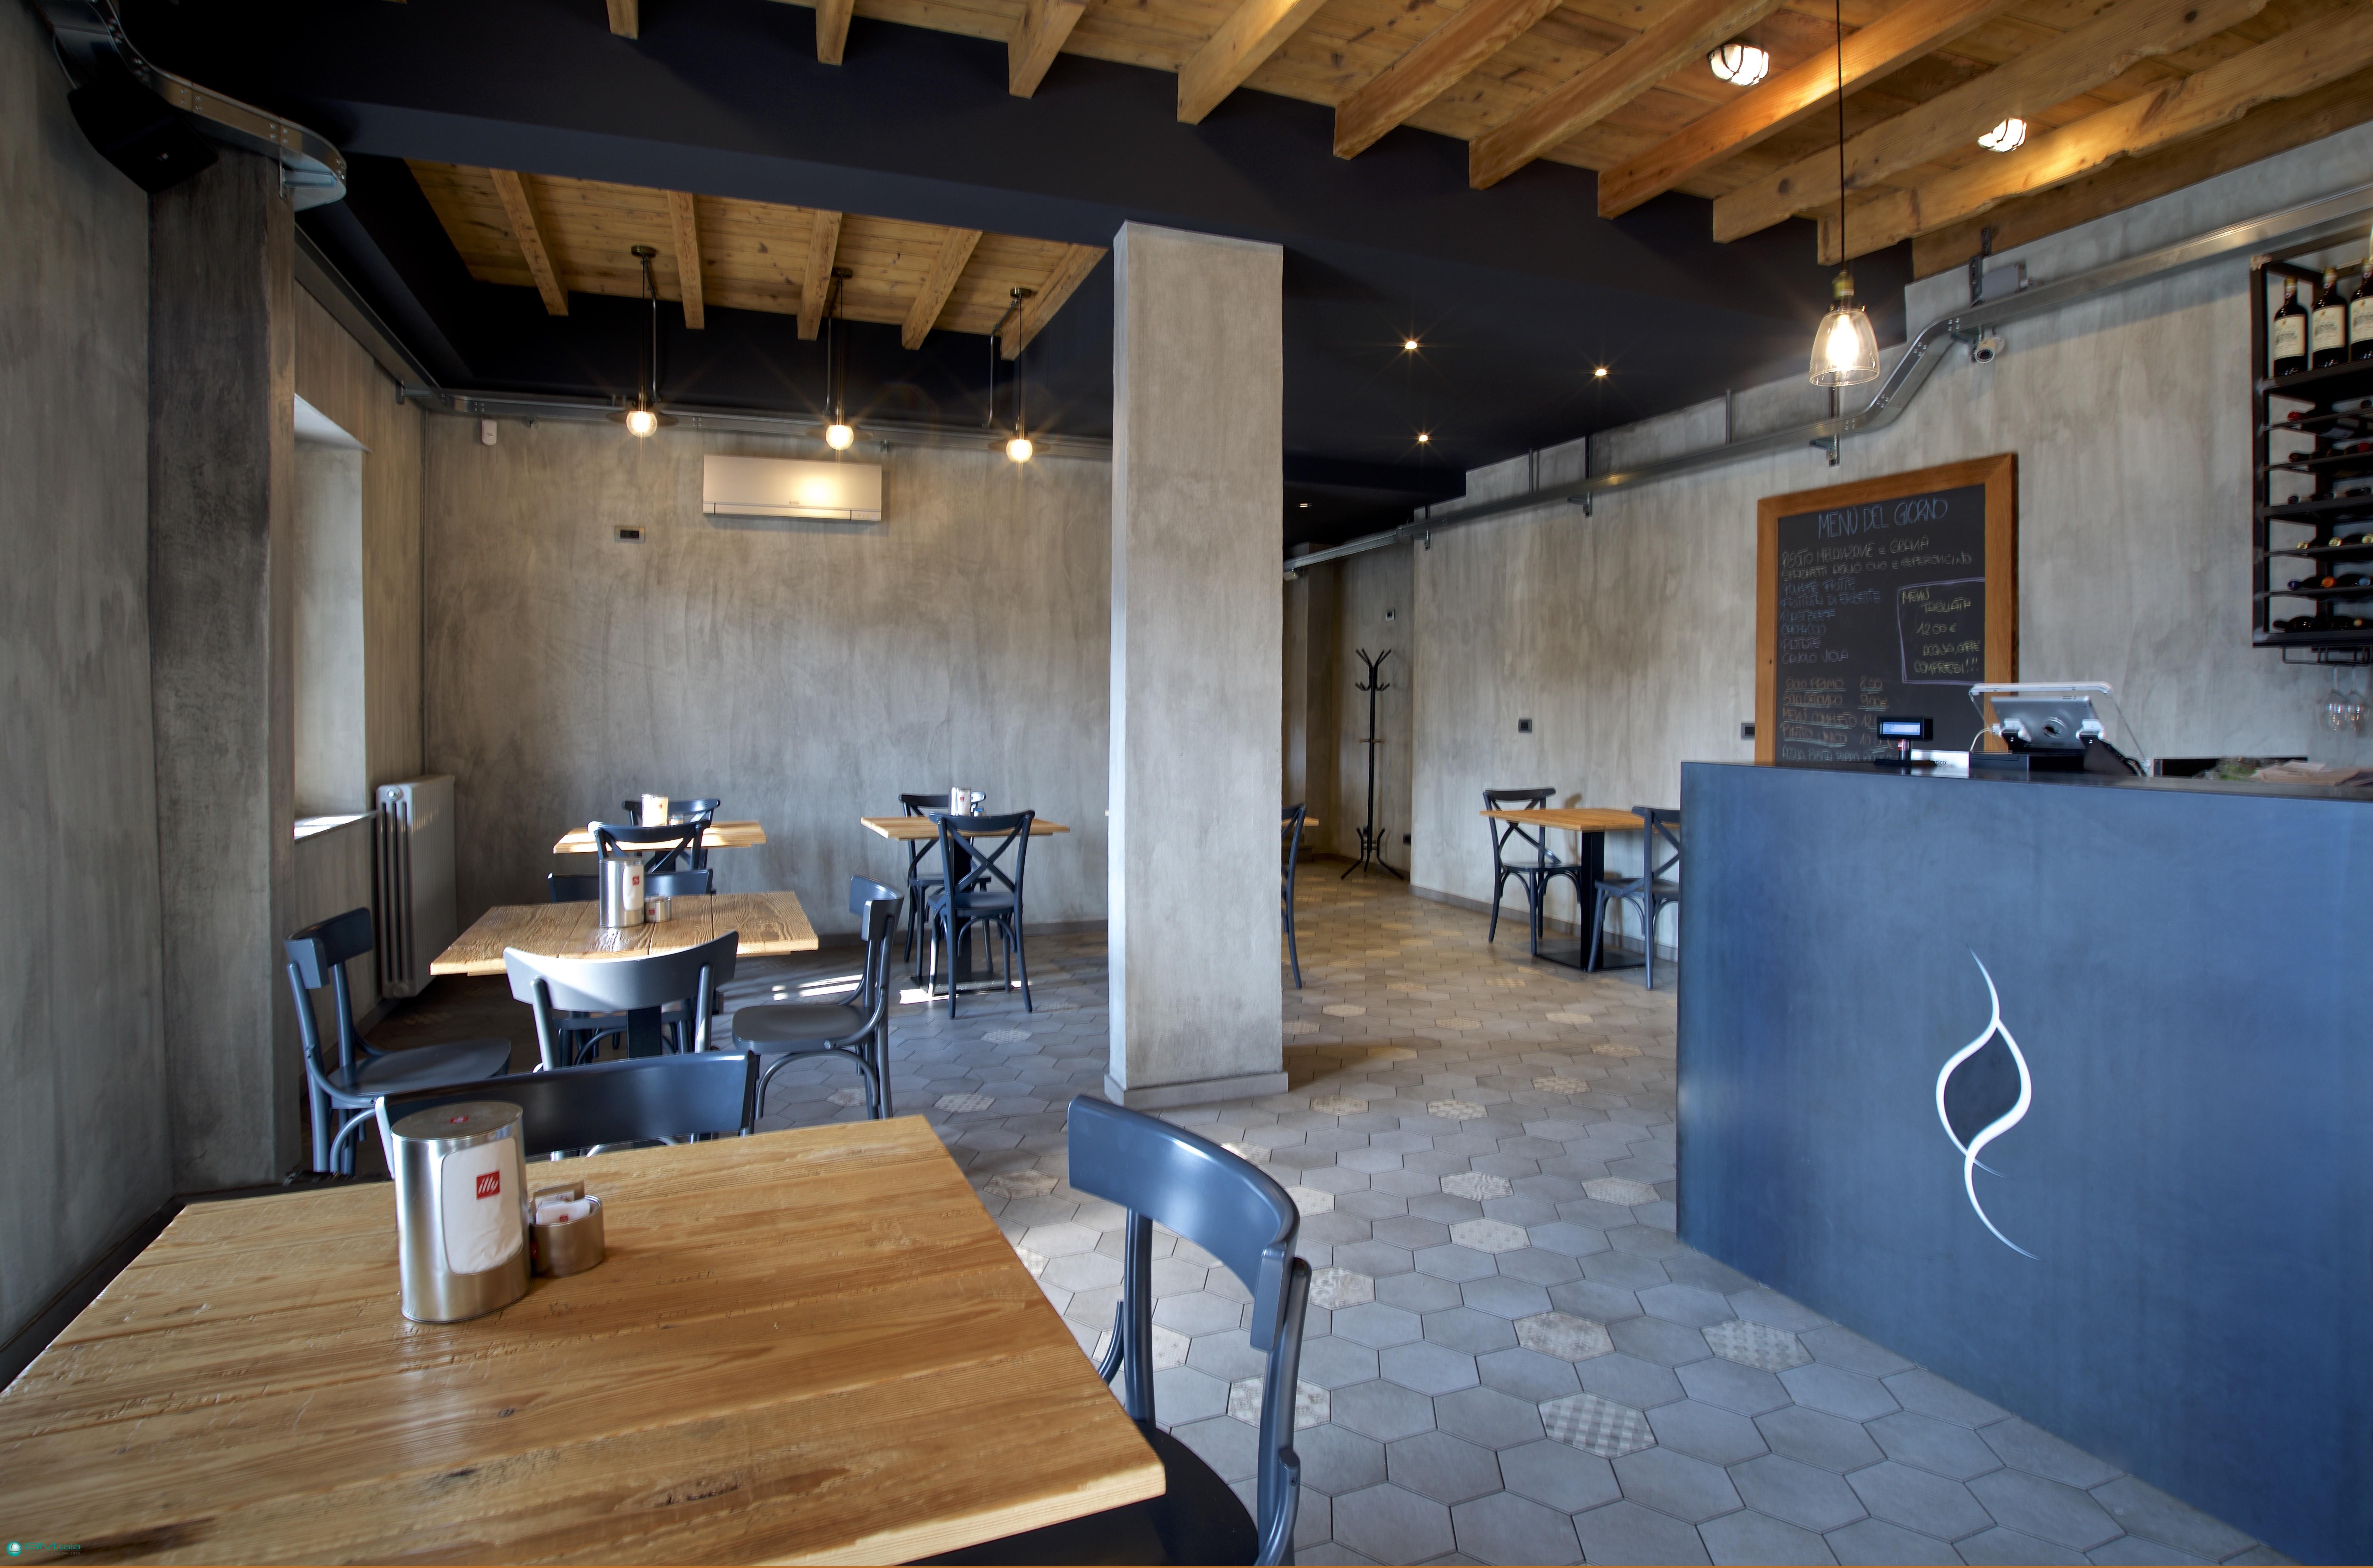 Arredare il tuo ristorante bar bistrot produzione for Made in italy arredamenti bertinoro